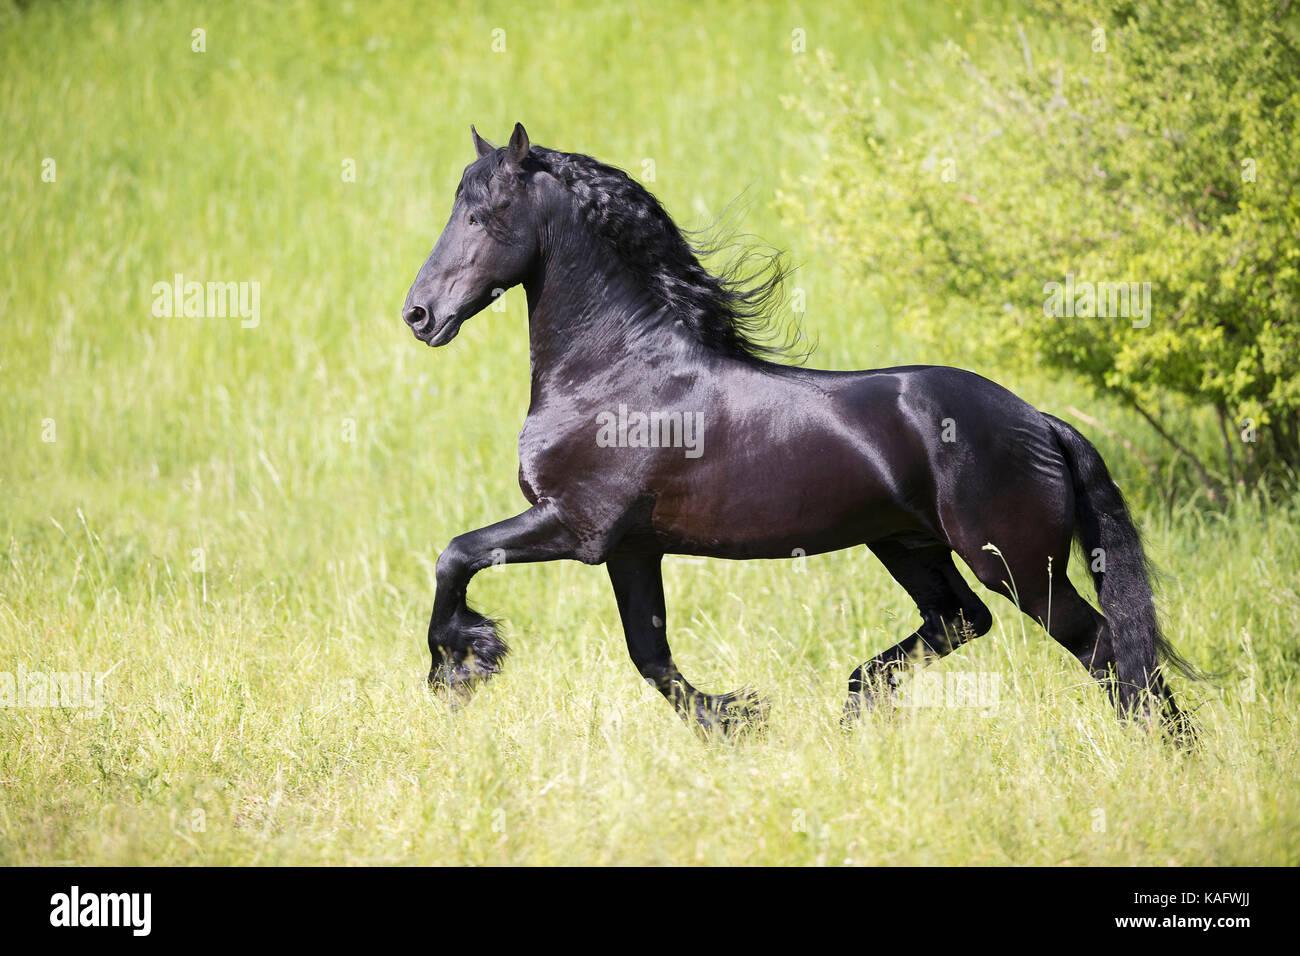 Caballo frisón. Semental negro al trote en una pradera. Austria Imagen De Stock